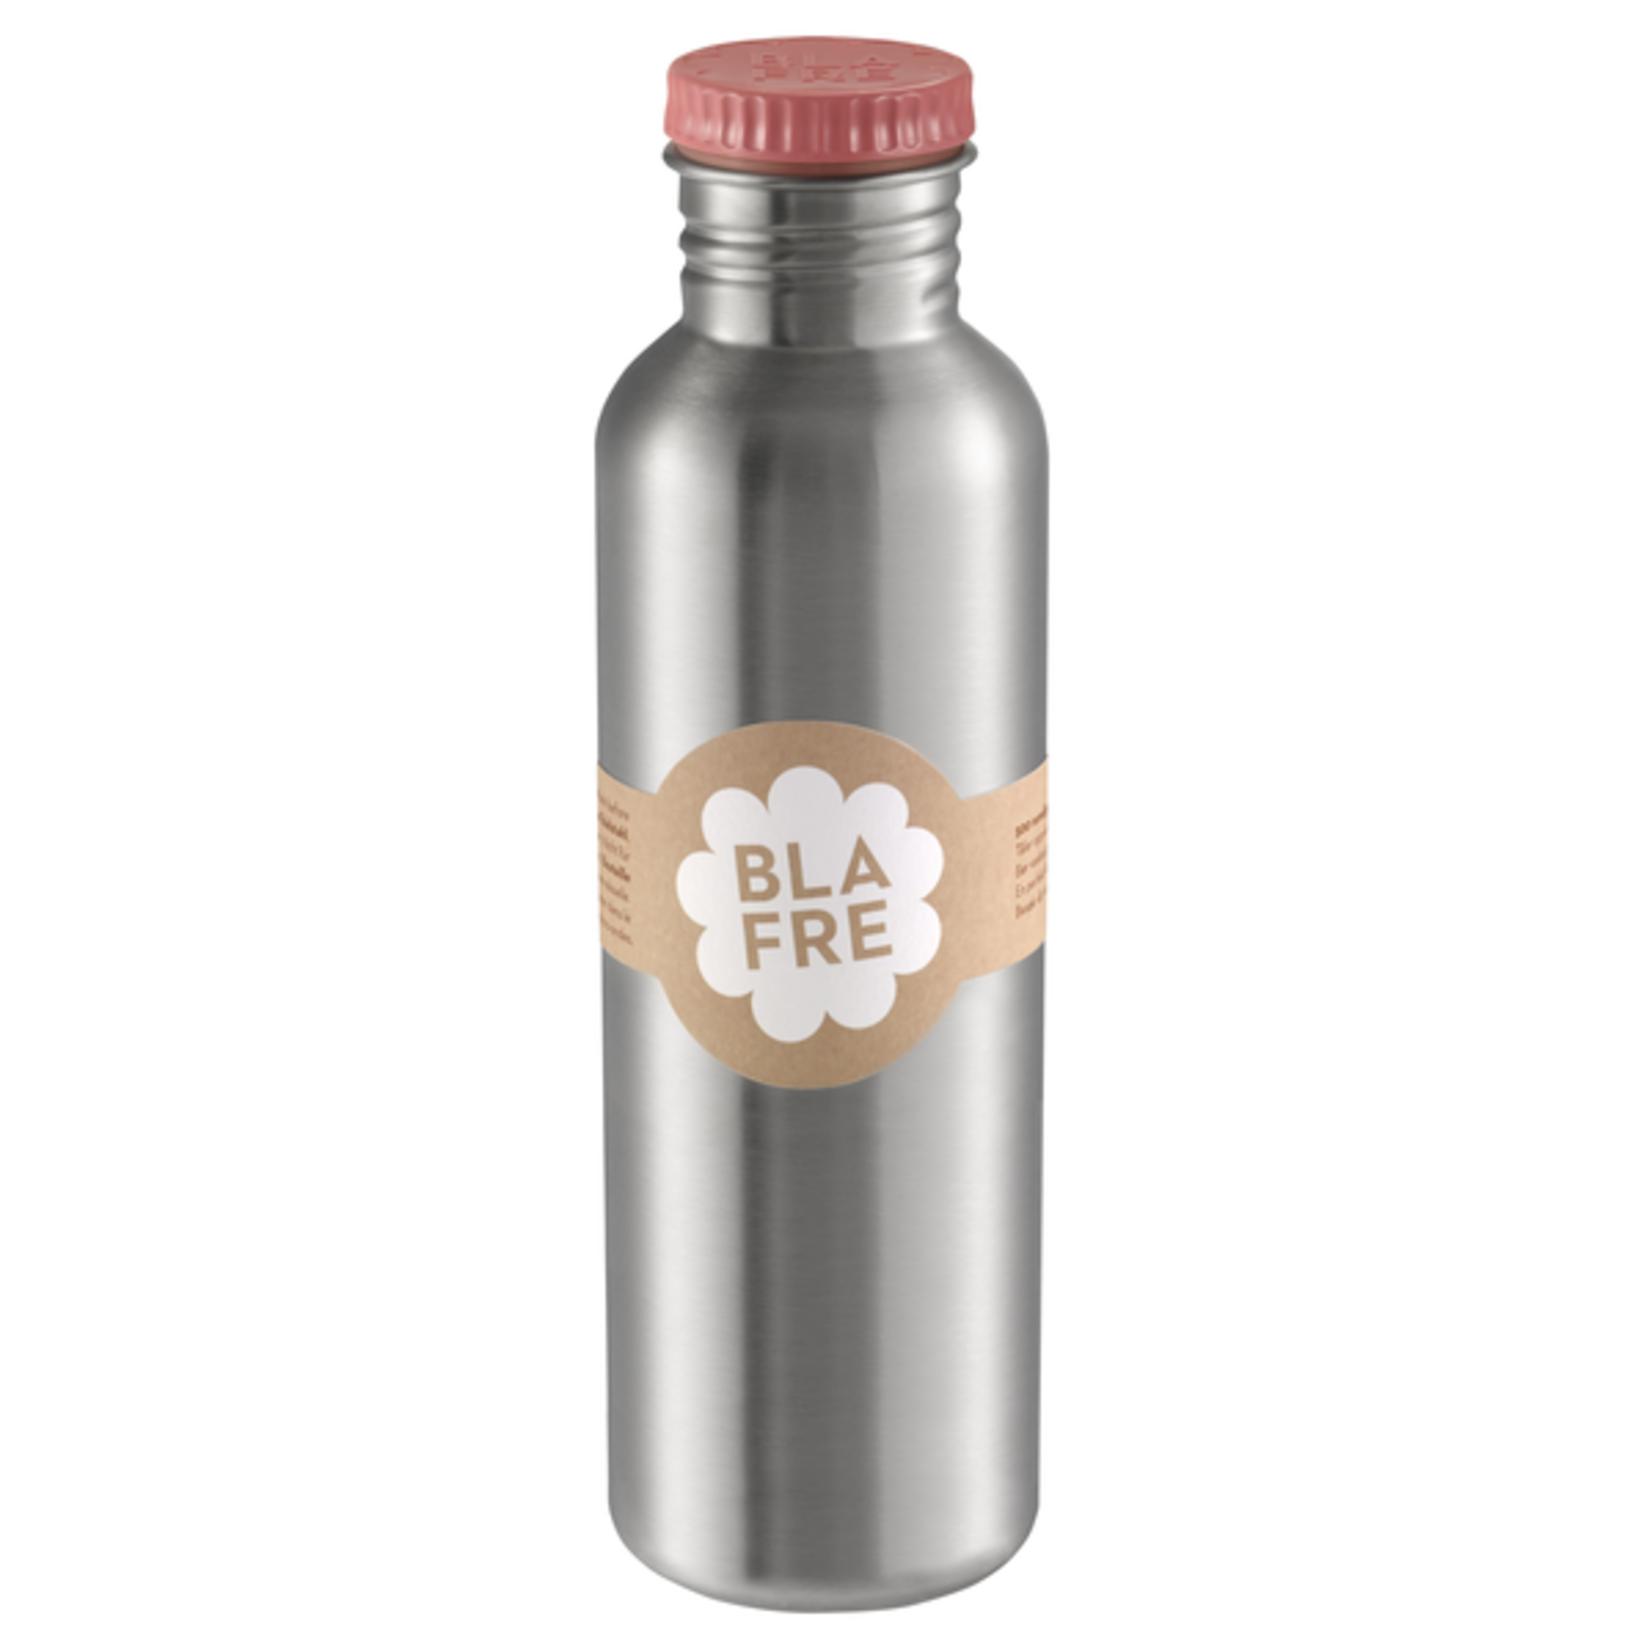 BLAFRE Edelstahltrinkflasche für Kinder von Blafre in pink